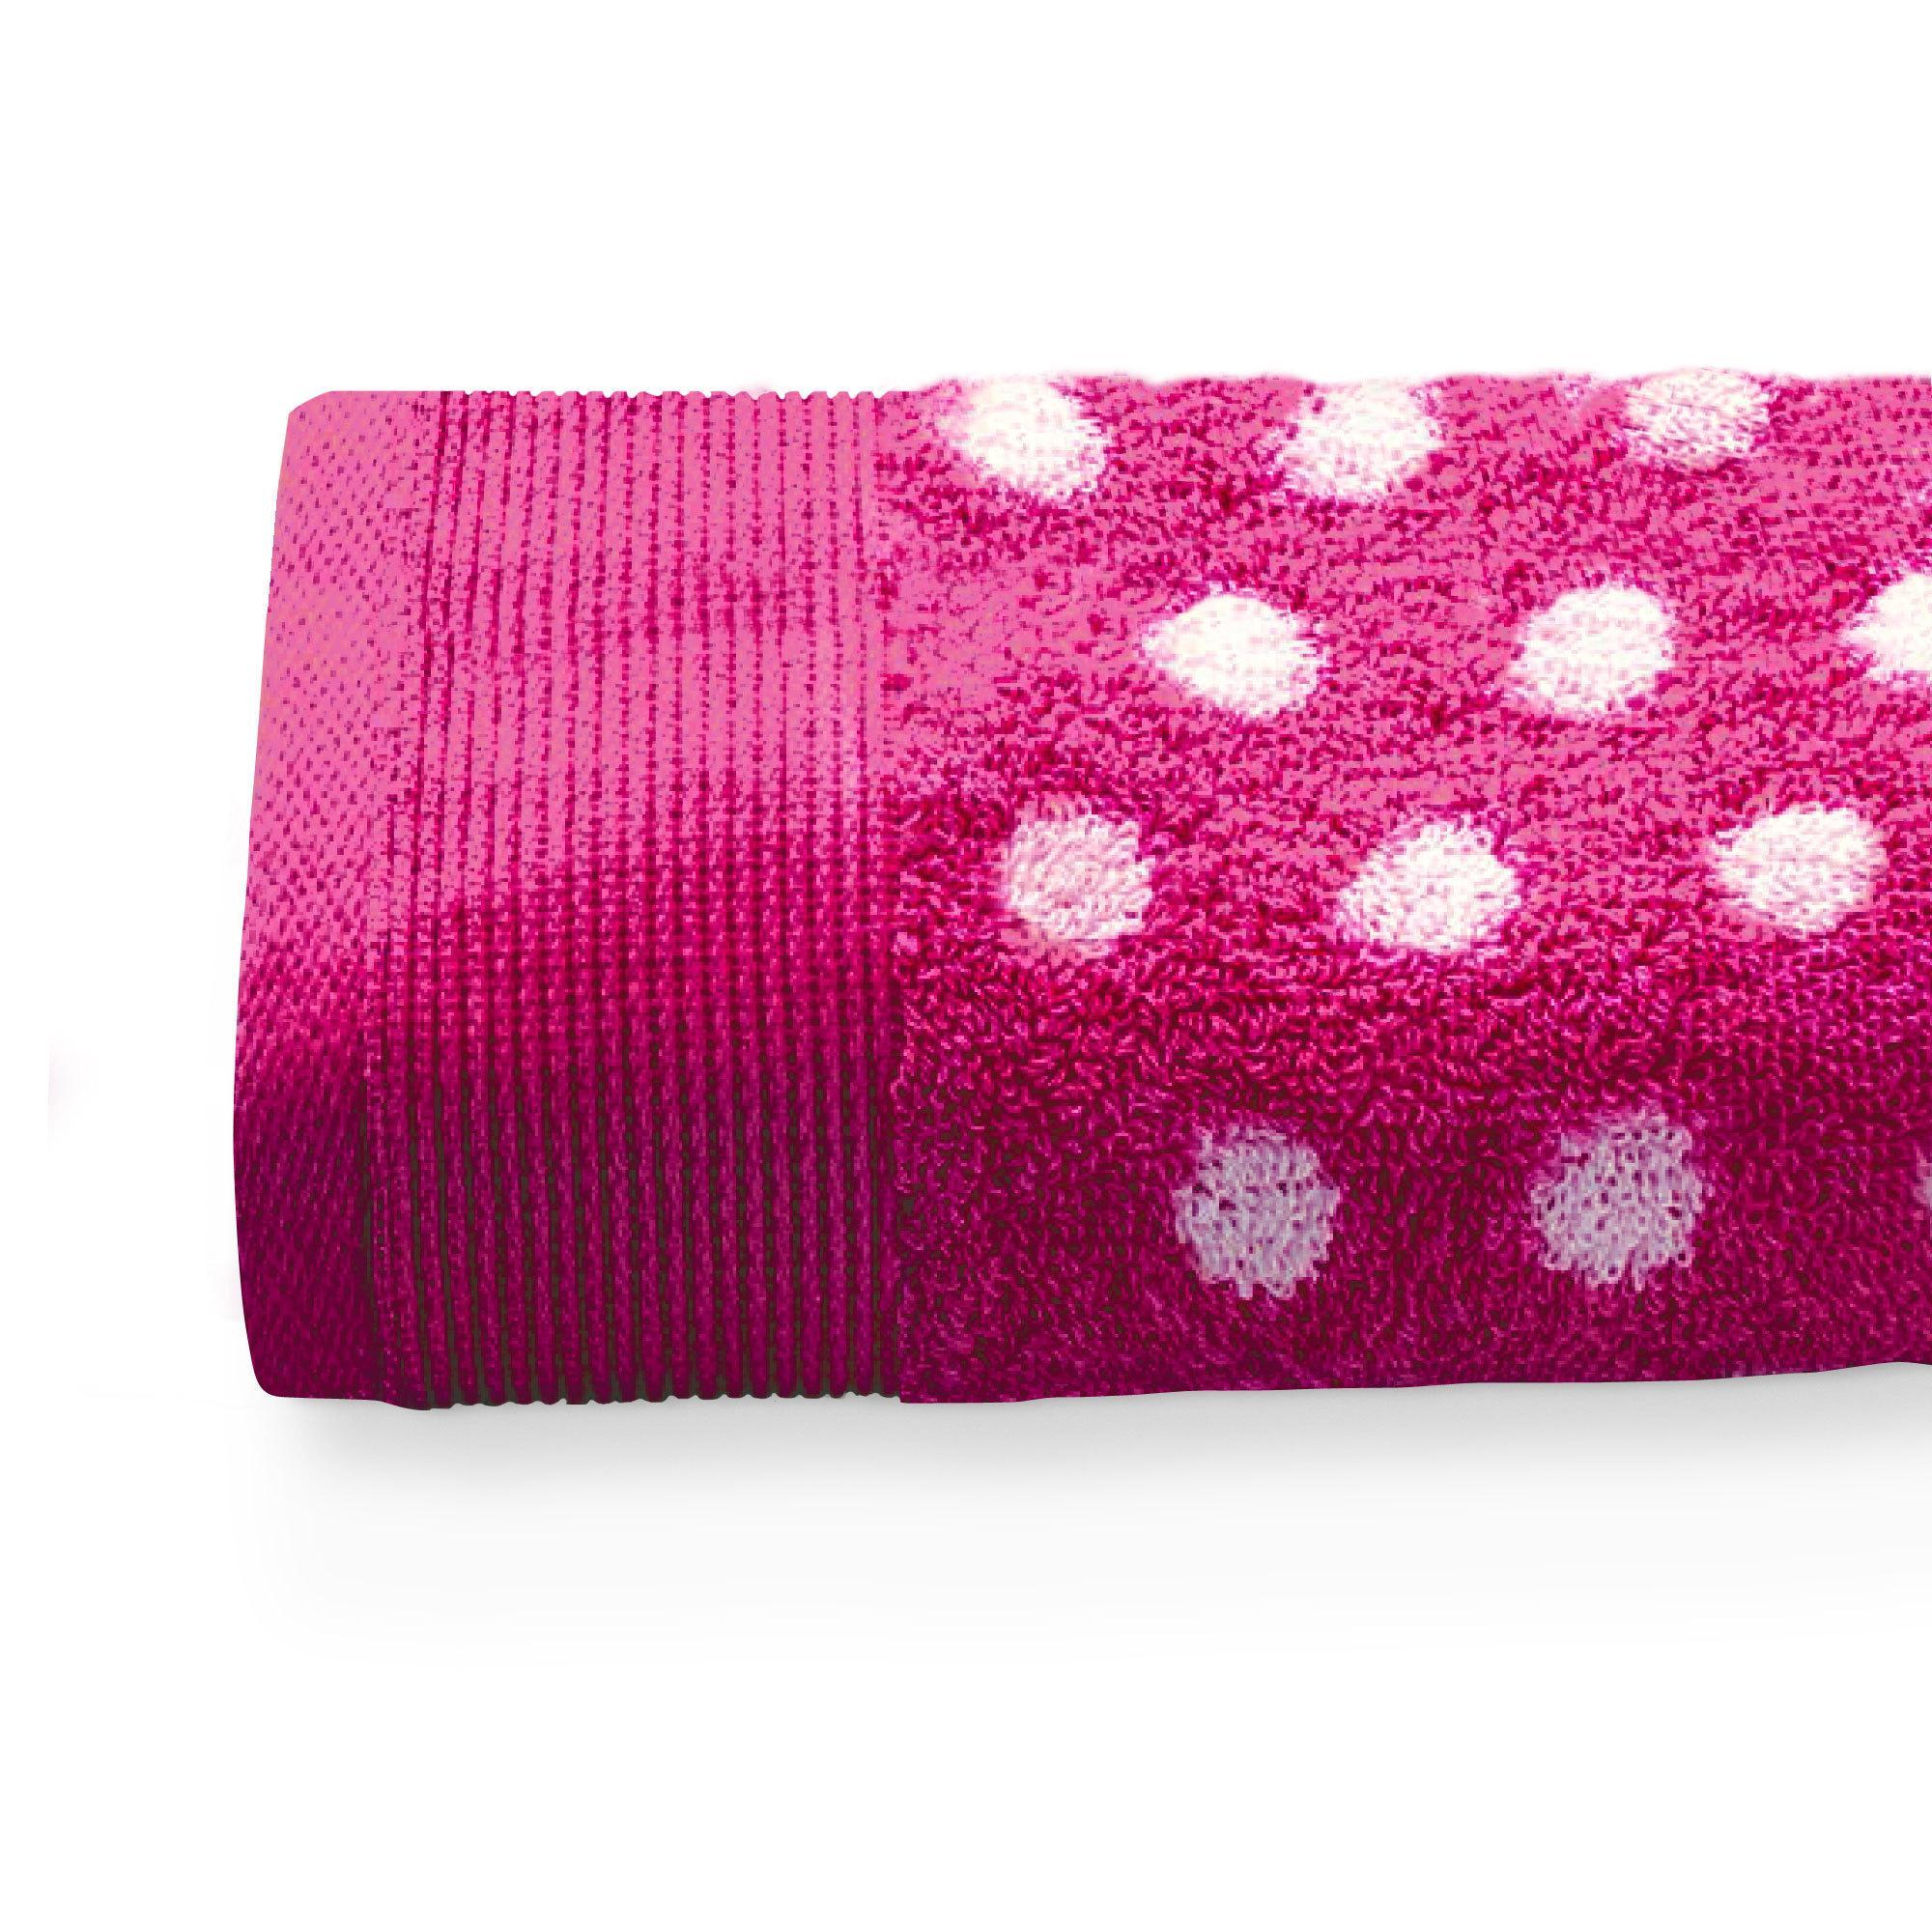 Serviette invit 33x33cm uni coton domino rose linnea - Analyse de pratique toilette au lit ...